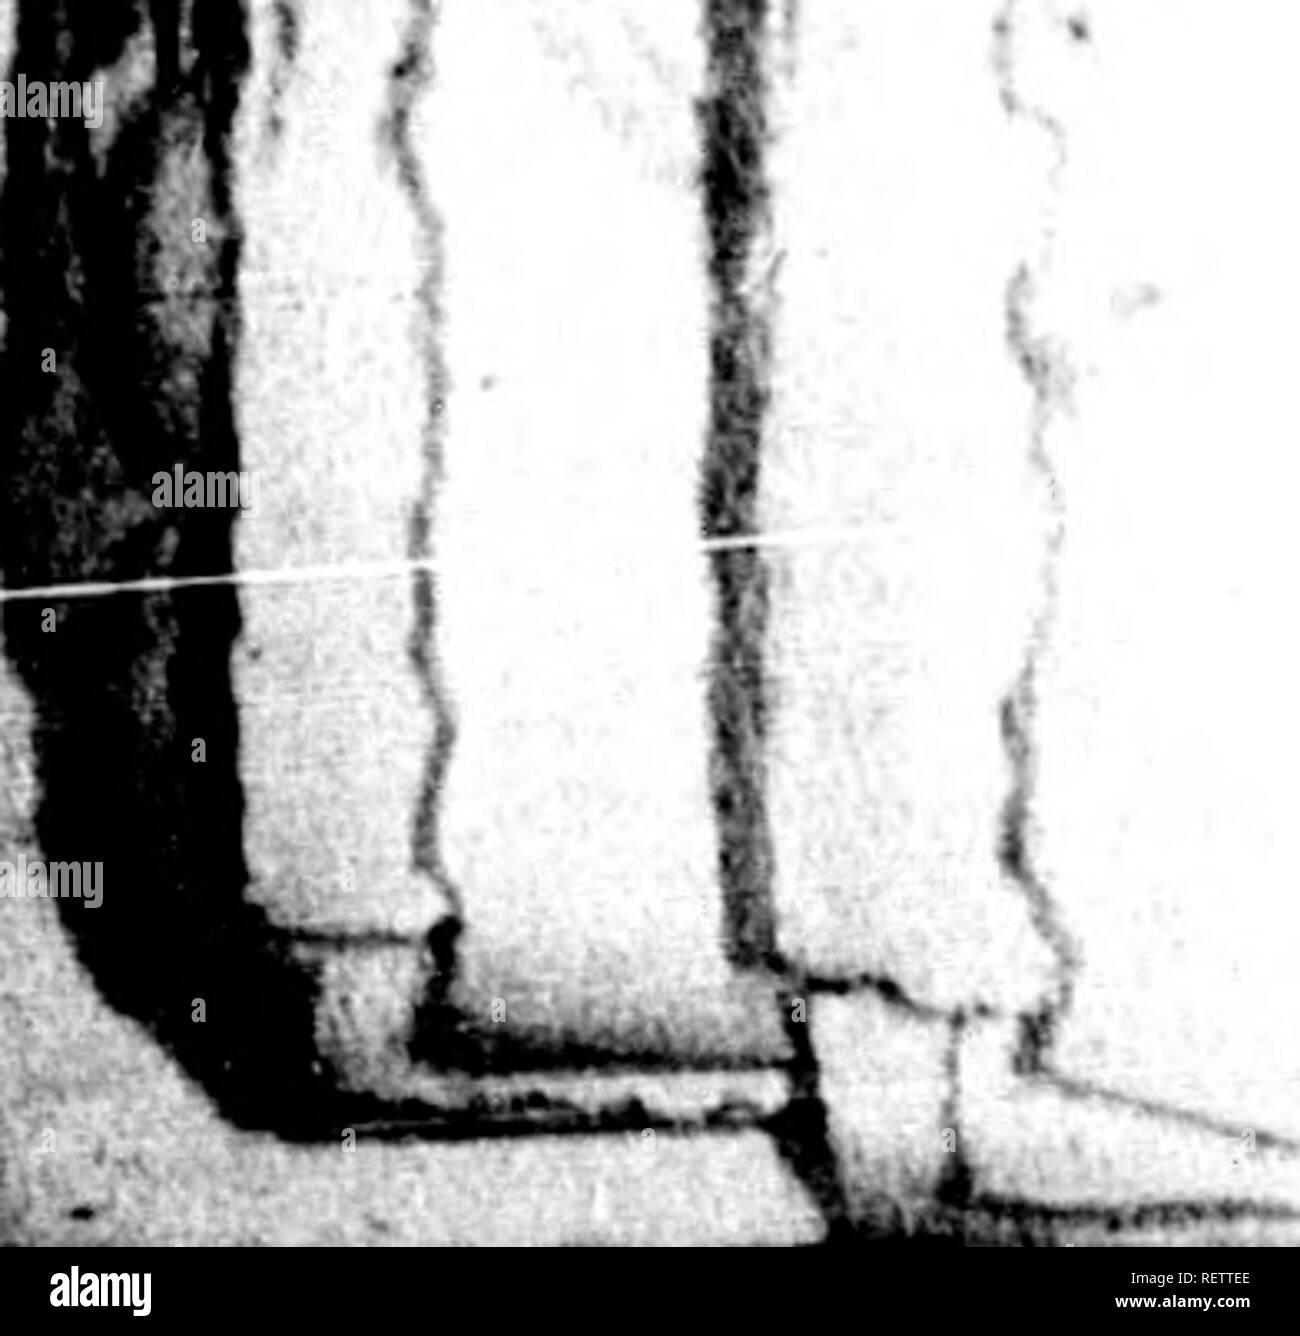 . Histoire naturelle de Buffon [microforme] : classée par ordres, genres et espèces, d'après le système de Linné avec les caractères géné riques et la nomenclature Linnéenne. Sciences naturelles; Anthropologie; Natural history; Anthropology. ' i?;?; ; f> 1, 1^ ^. % D E L' H O M M E. I ne le pas manifester de cette façon? Or, tiput cela n'arrive pas et n'est jamaia arrivé j le plus oujnoins de perfection des organes corporel^ n'inûae donc paa sur la nature des. sensation^ intérieur jres; jji'en doit-on pas conclure que Jeft  minimaux n'ont point de sensations '<le cette espà - Stock Image